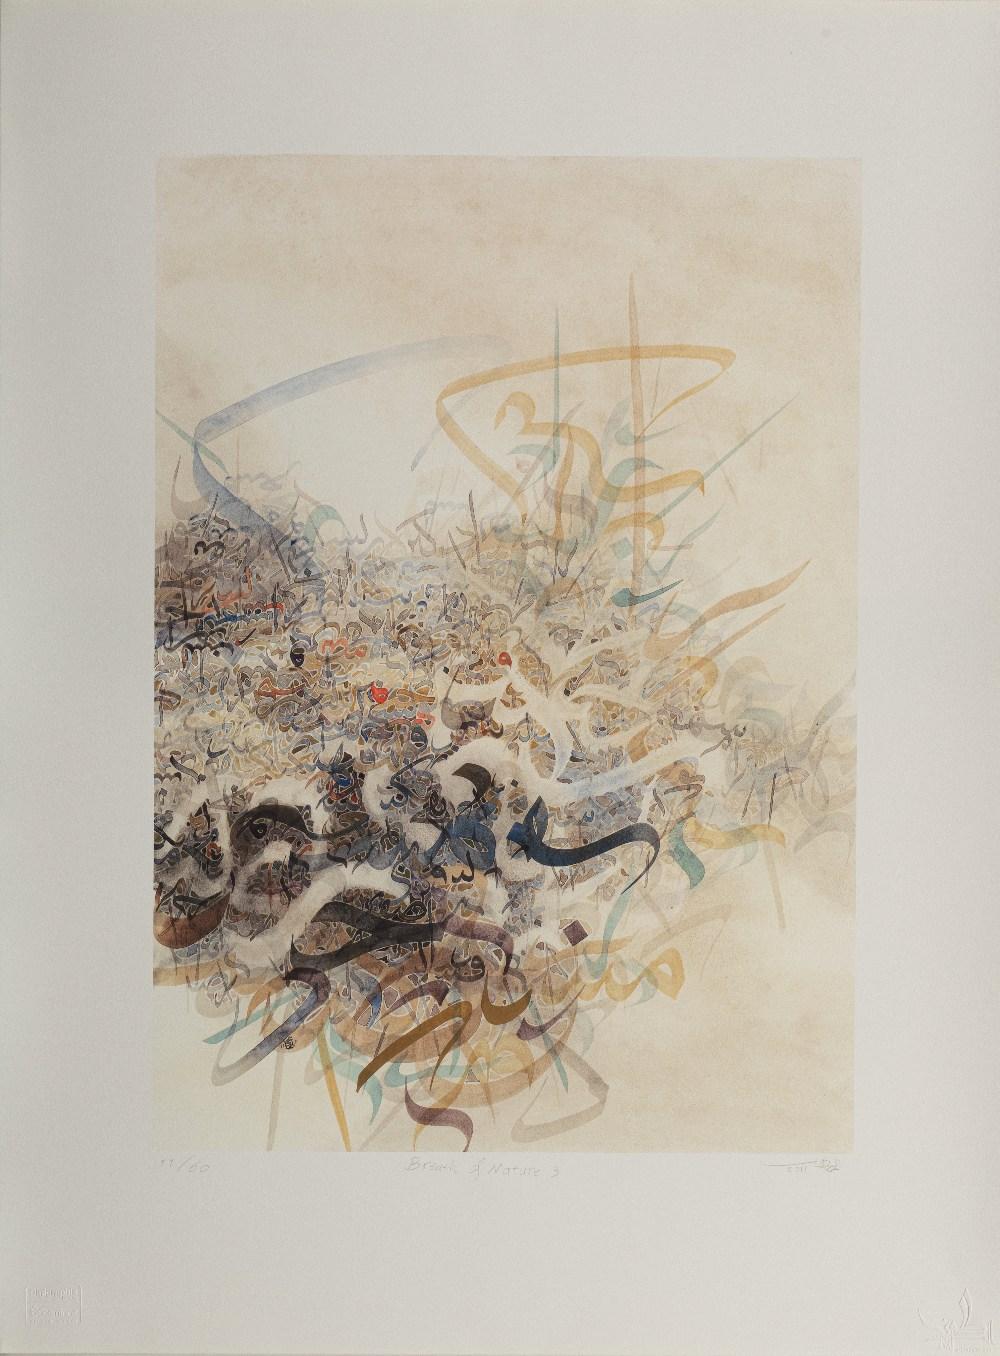 Khaled AL-SAAI (Syrie 1970)BREATH OF NATURE 1, 2 et 3, 2011Suite de 3 digraphies sur vélin d'Arches.